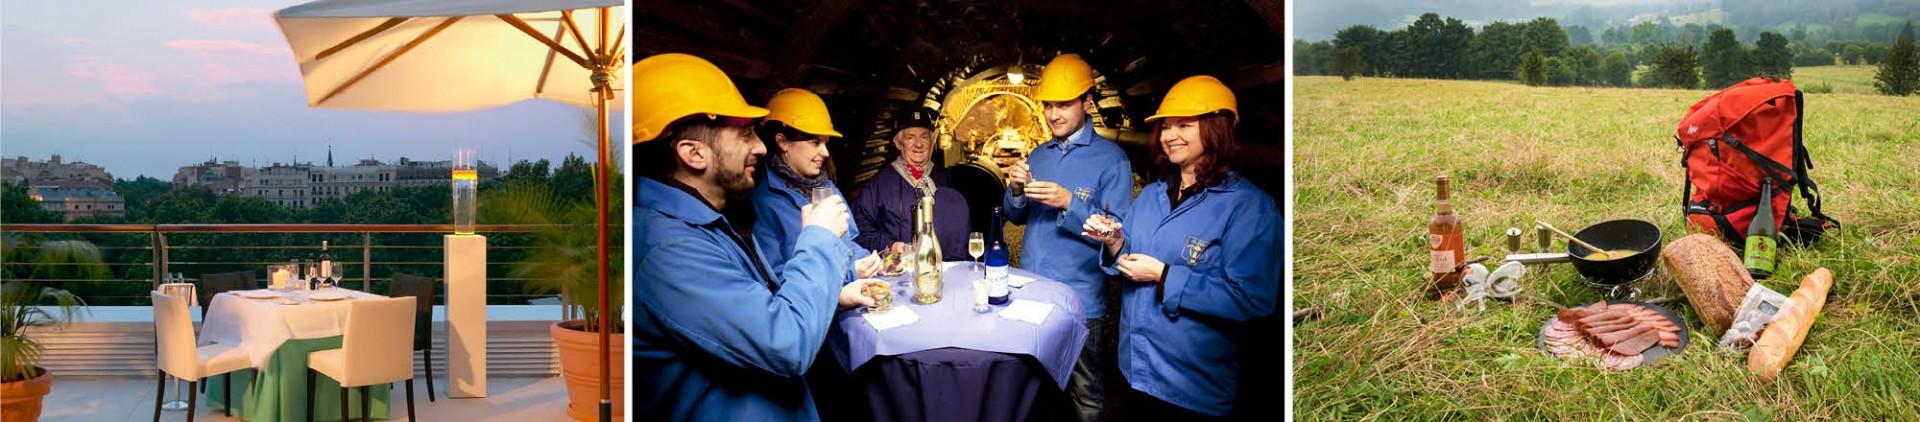 Besondere kulinarisch-regionale Erfahrungen in der Provinz Lüttich